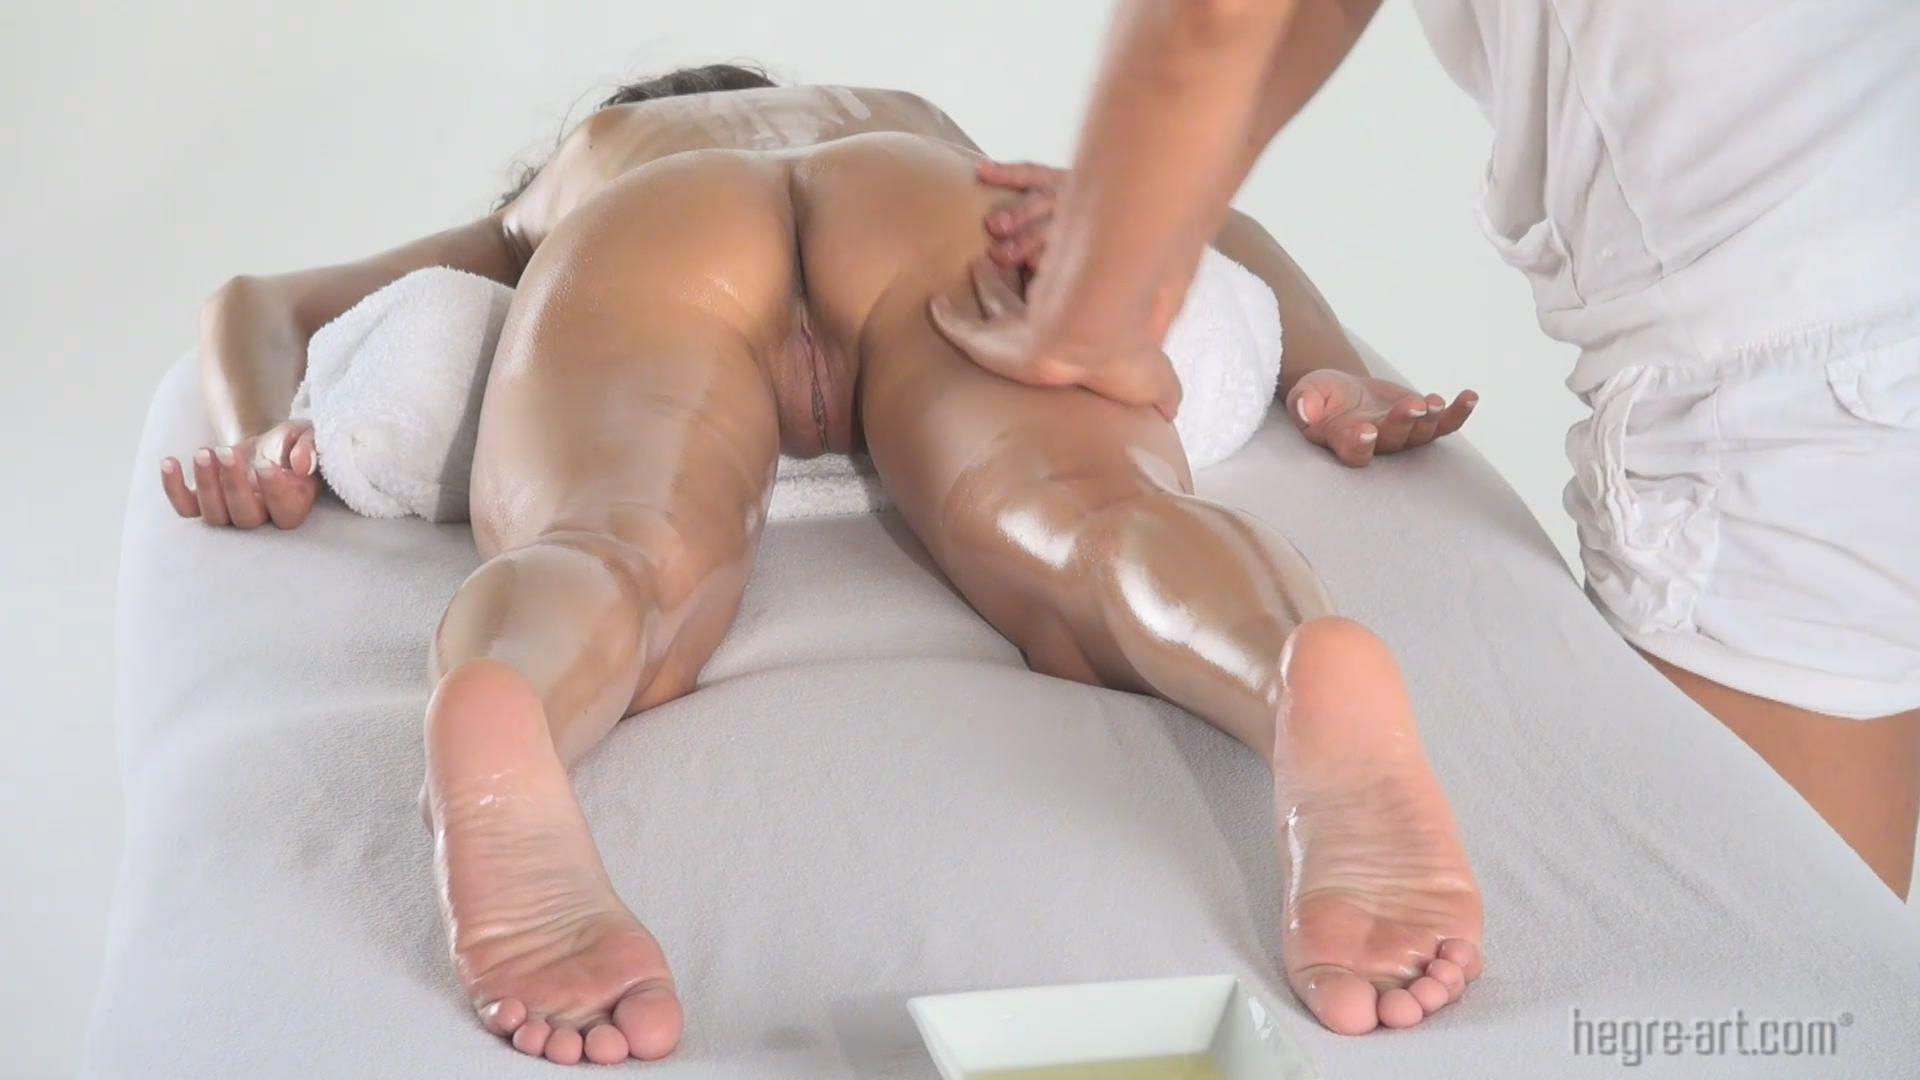 smotret-porno-video-konchayut-v-kisku-onlayn